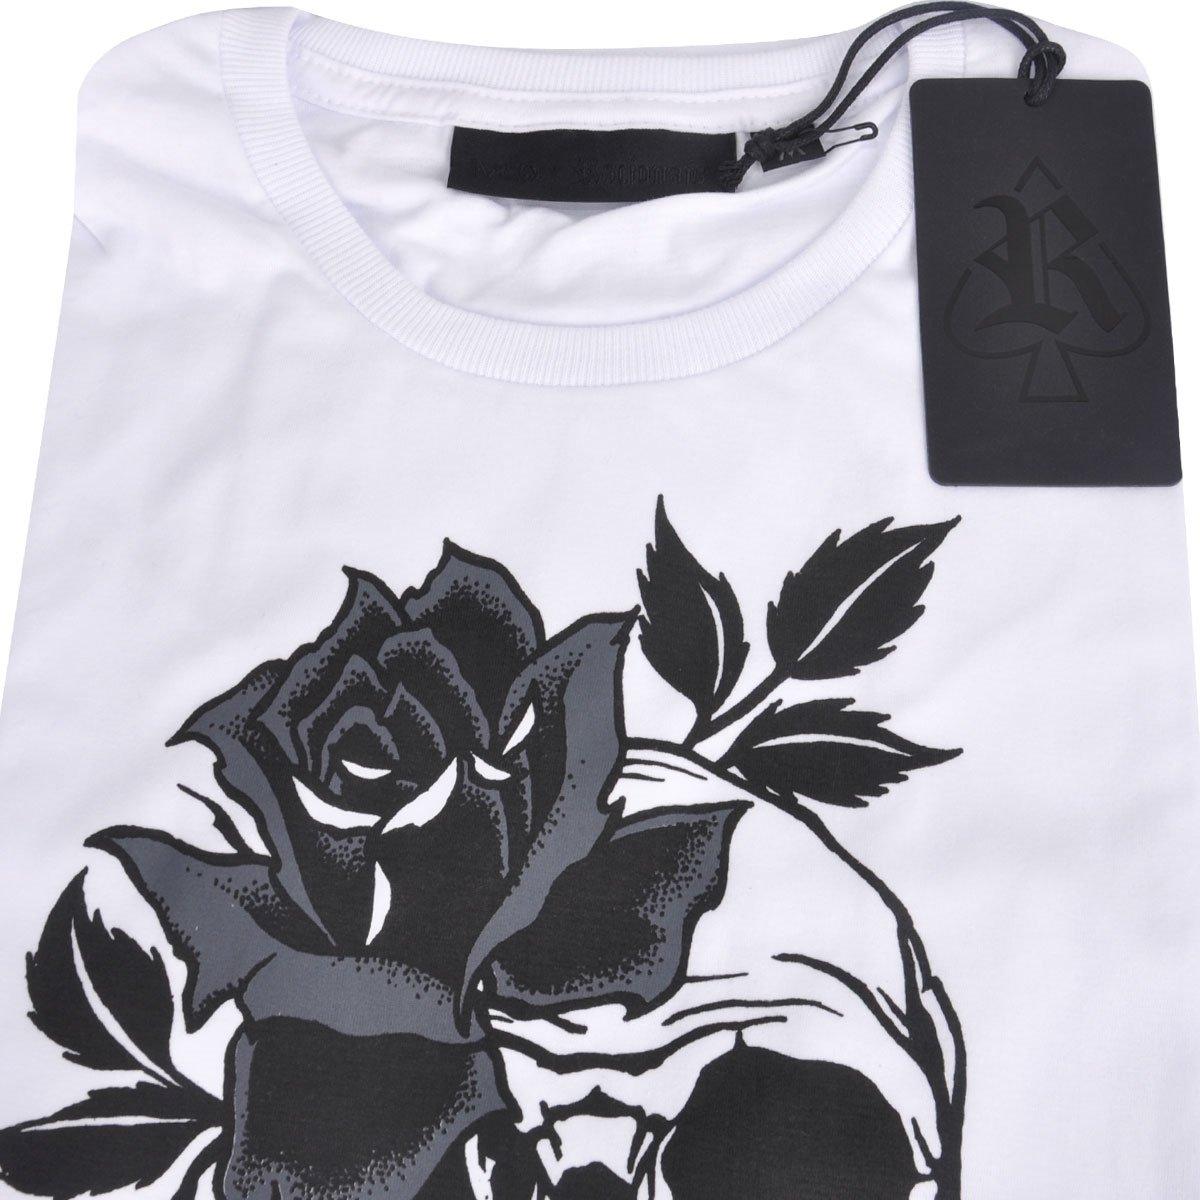 Camiseta Mcd Racionais Iv - Compre Agora  63d8ee4e1ef